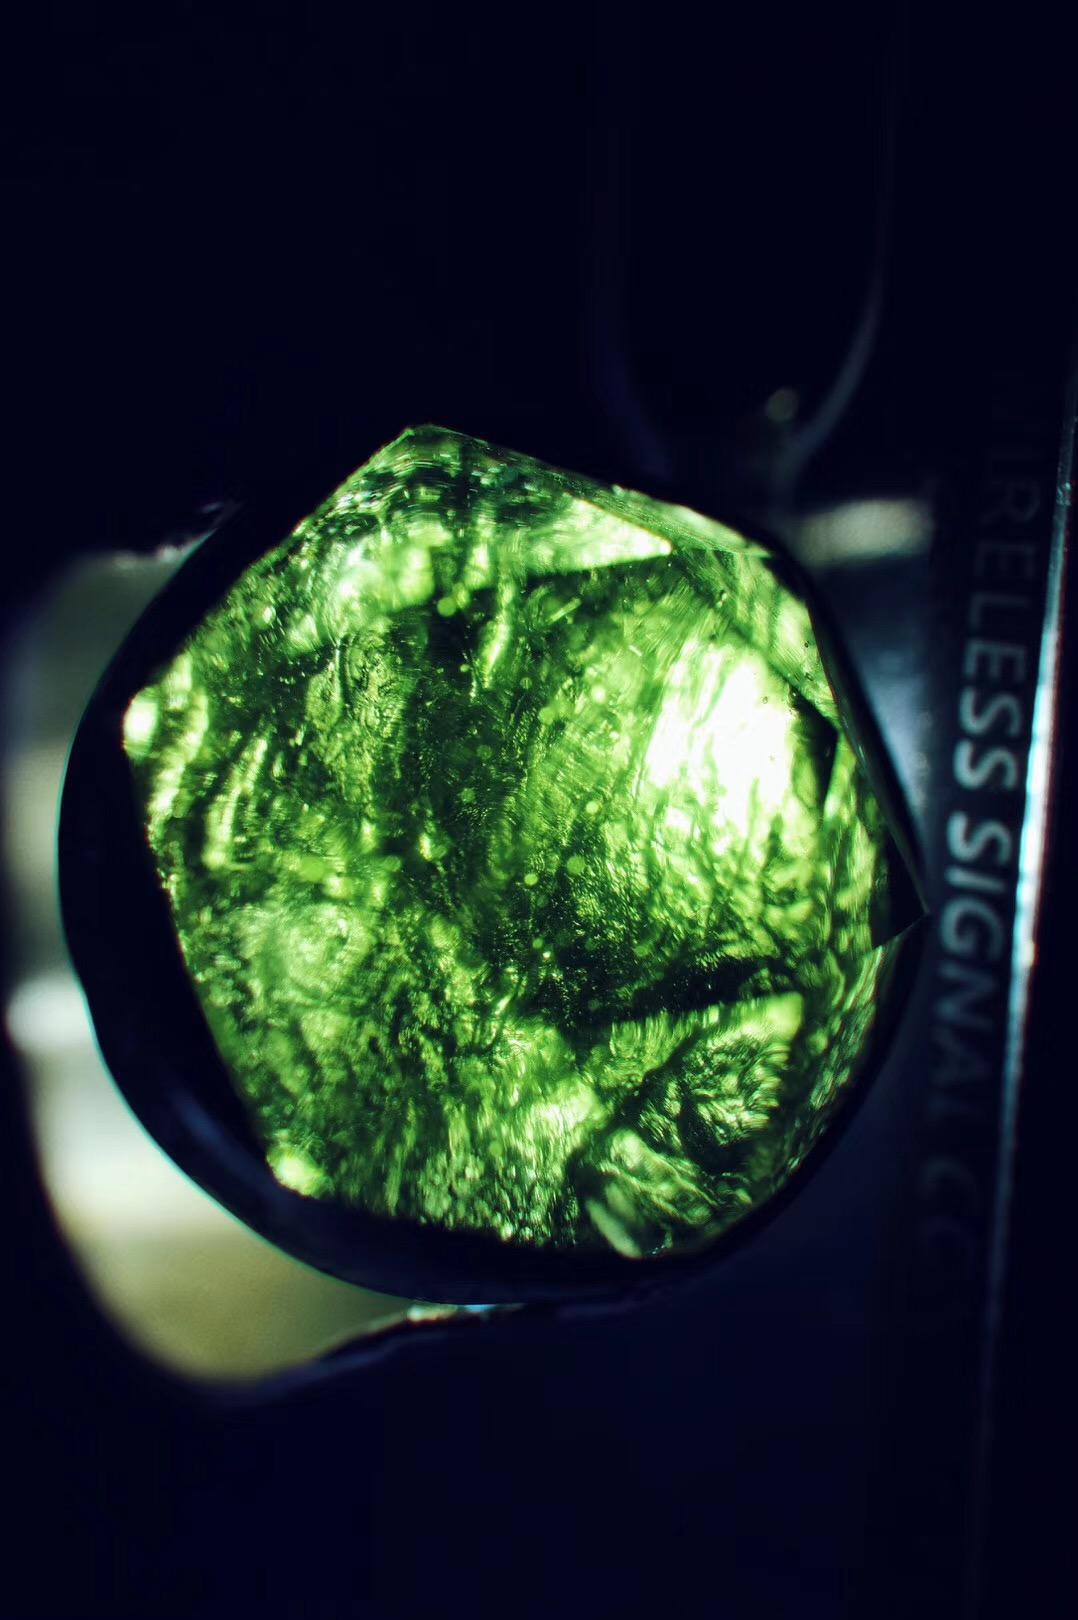 【菩心-梅尔卡巴&捷克陨石】用肌理诠释作品的意义,绝对是件有趣的事情-菩心晶舍